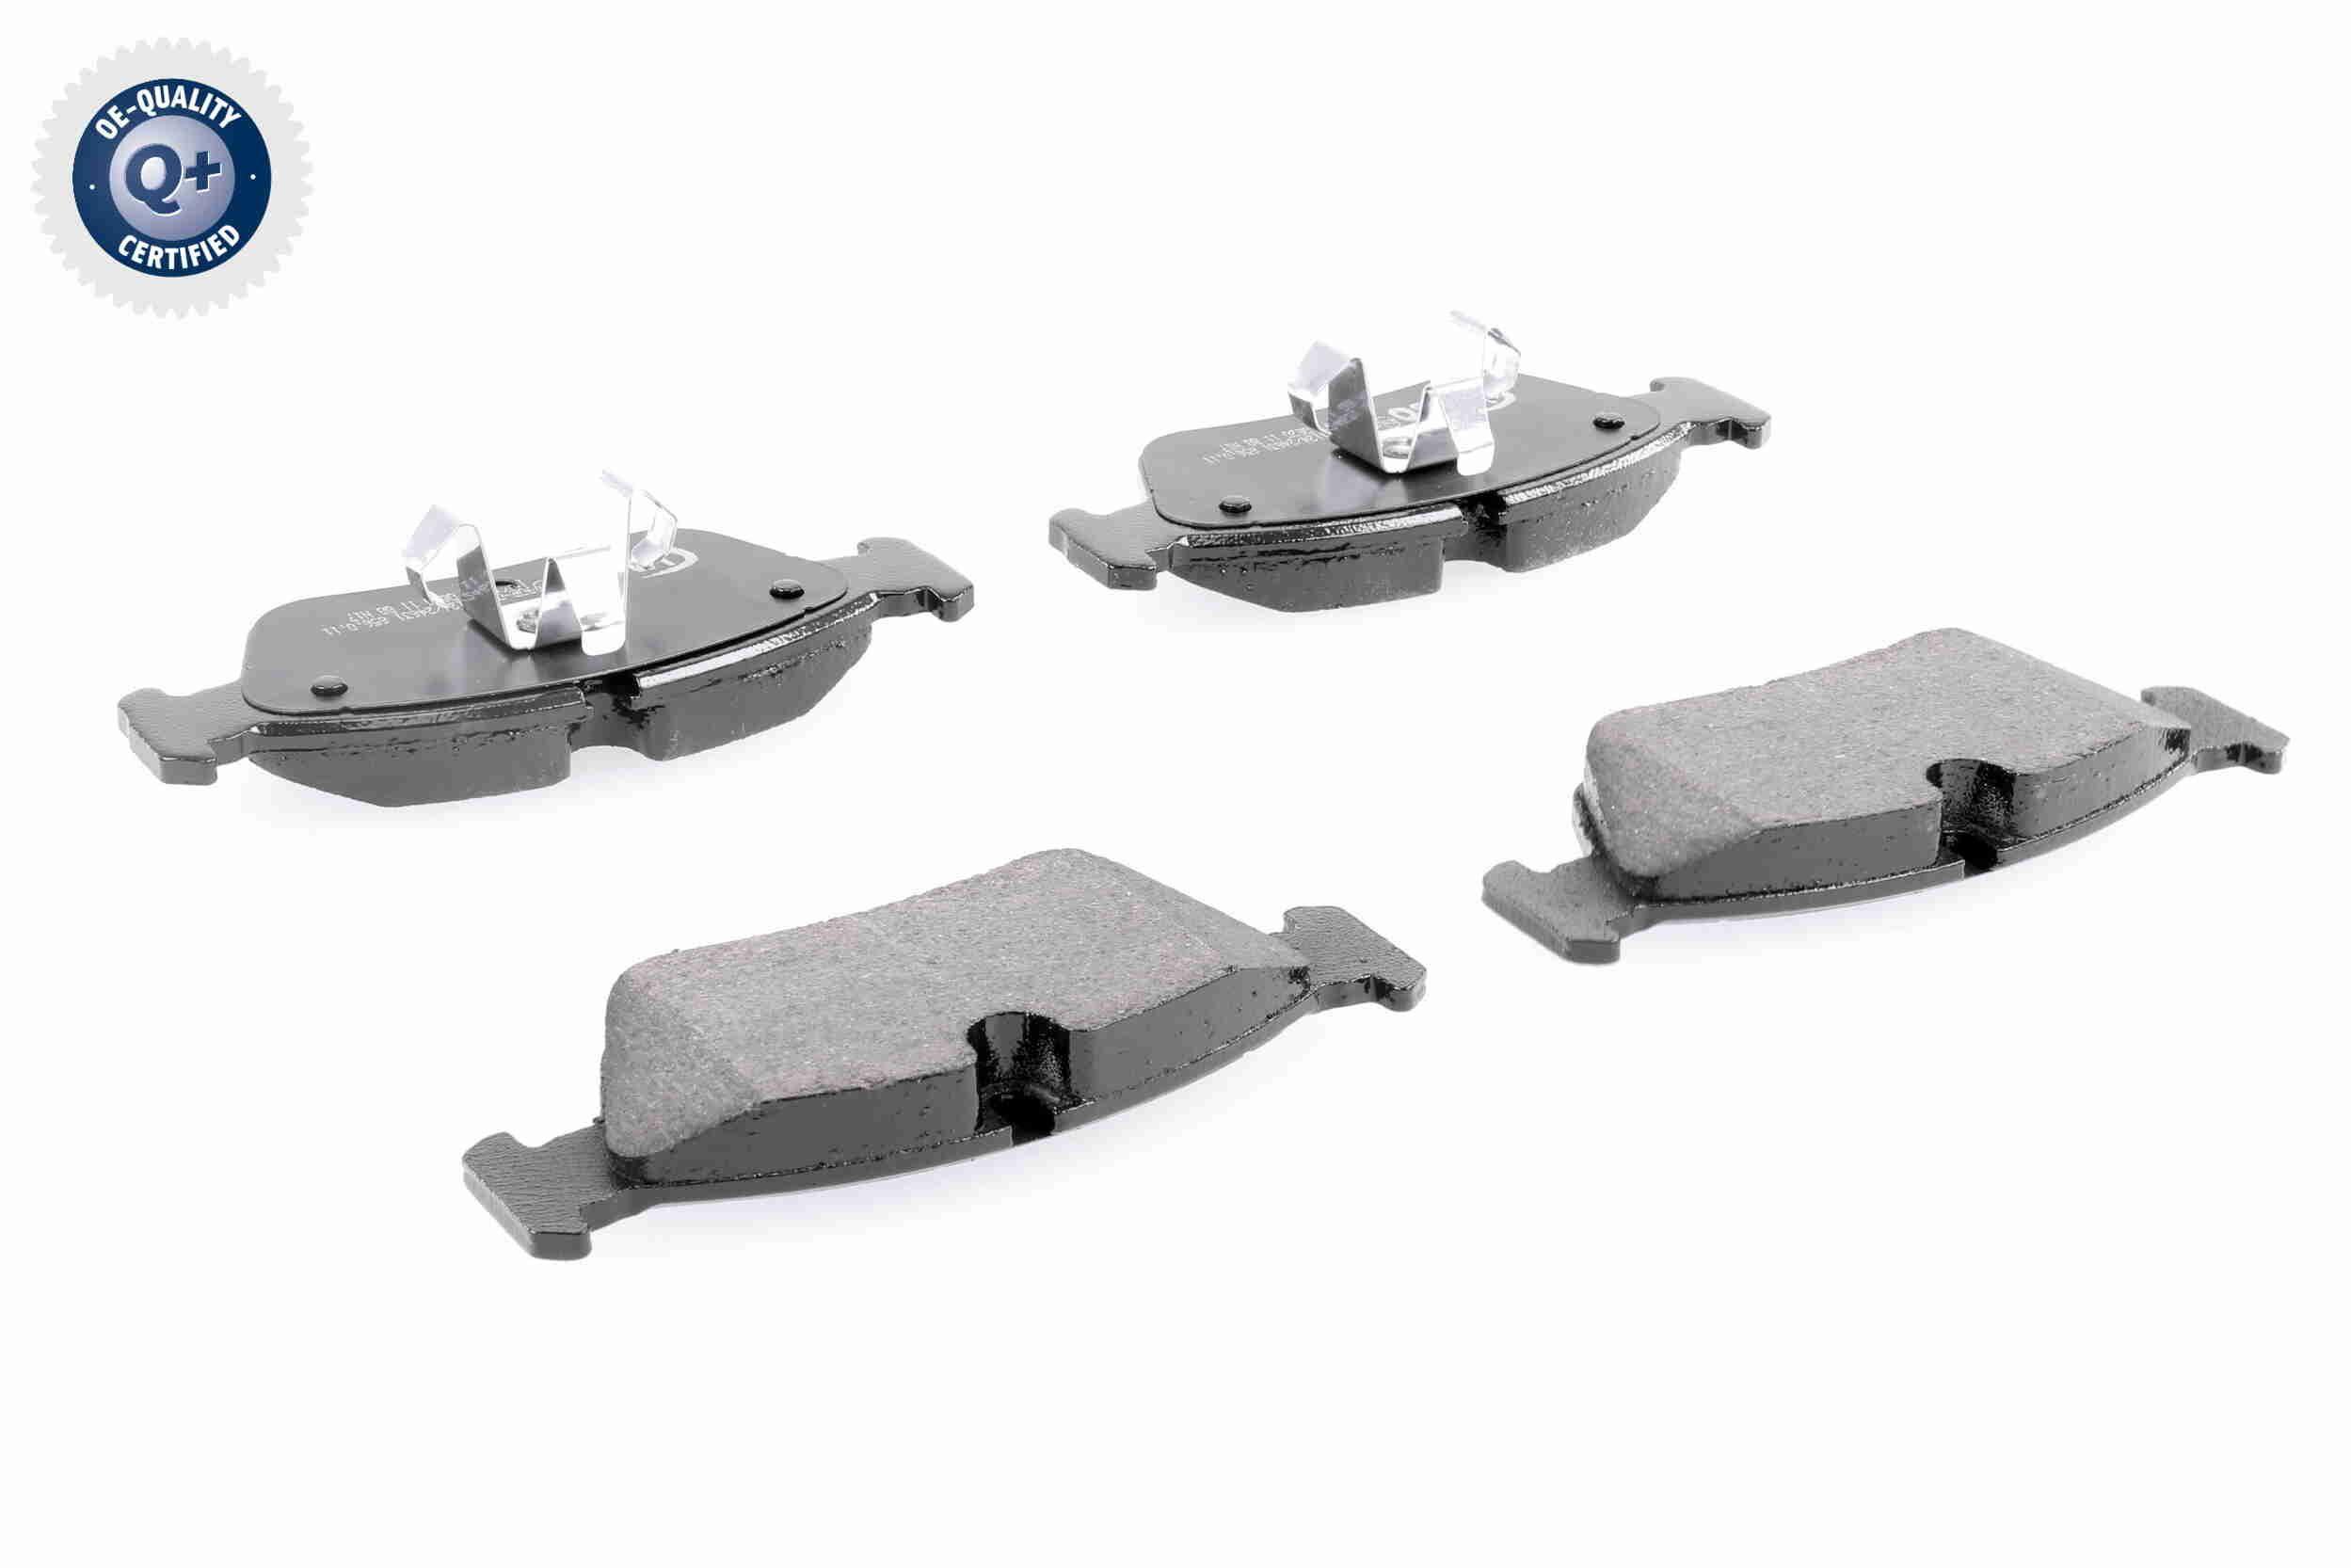 WVA23926 VAICO Q+, Erstausrüsterqualität, Hinterachse, Vorderachse, exkl. Verschleißwarnkontakt, für Verschleißwarnanzeiger vorbereitet Höhe 1: 57,3mm, Höhe 2: 57,3mm, Breite 1: 150,1mm, Breite 2: 149,3mm, Dicke/Stärke: 17,8mm Bremsbelagsatz, Scheibenbremse V20-8124 günstig kaufen